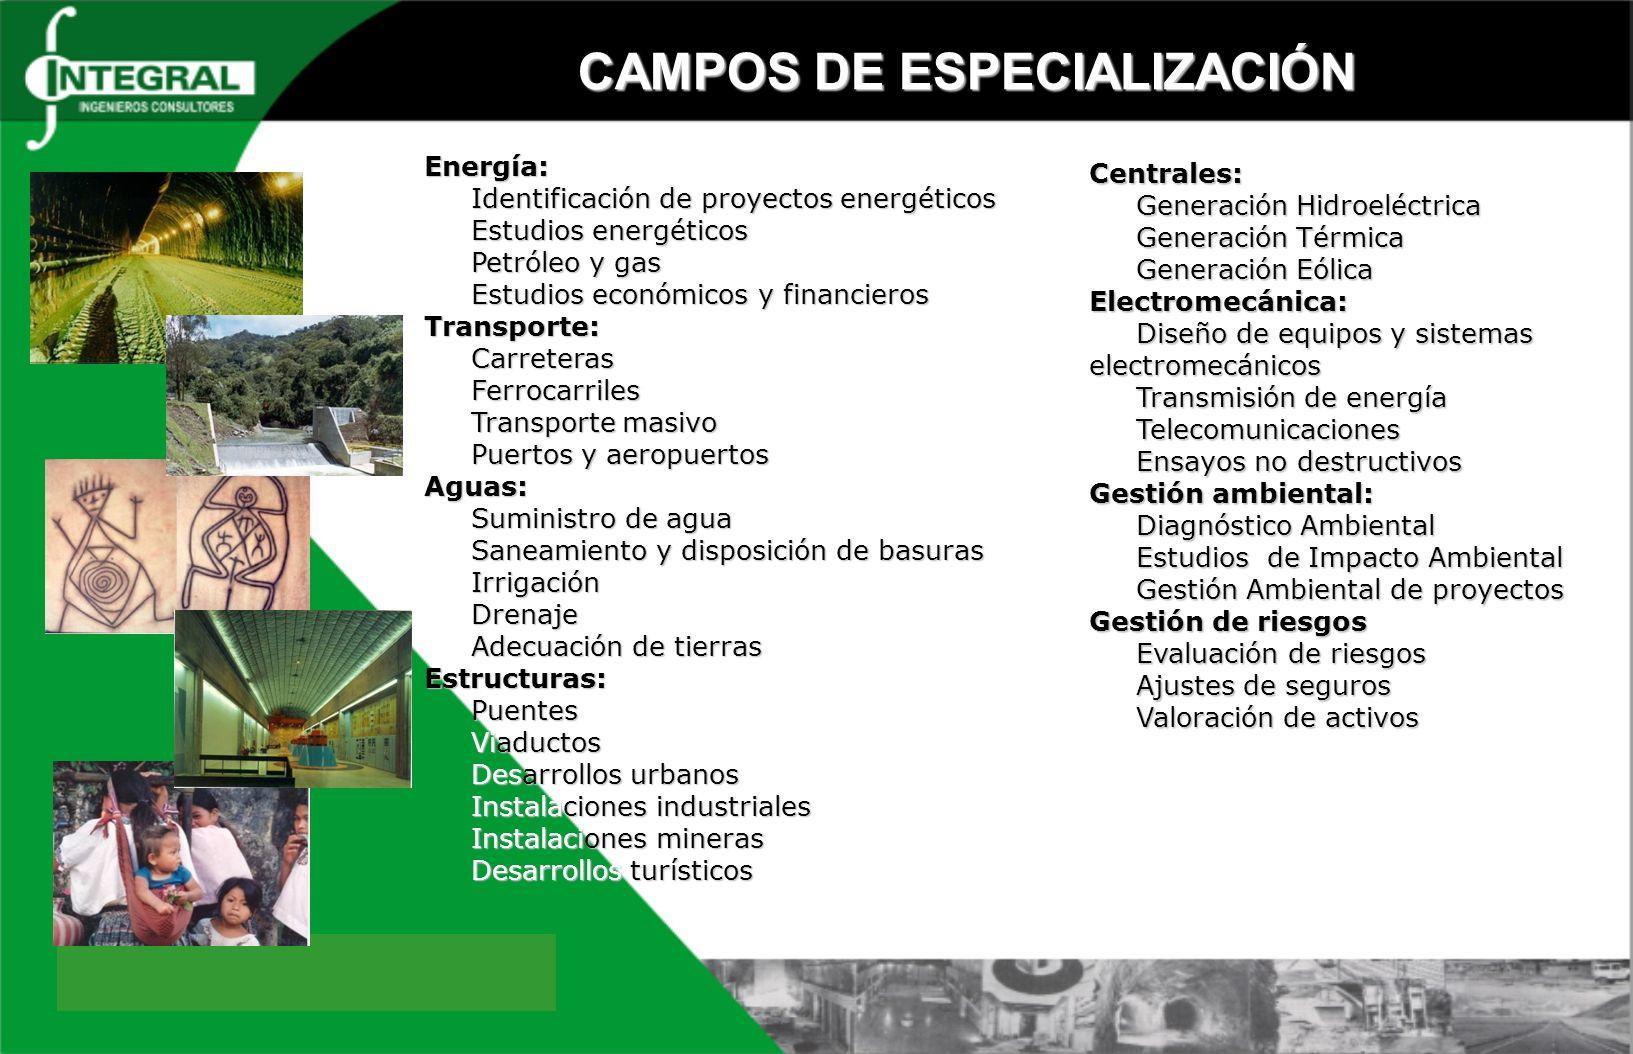 PROYECTO HIDROELÉCTRICO PORCE II (1988 – 2001) Cliente: Empresas Públicas de Medellín E.P.M Valor: US$ 17.817.538 + FF 2.753.000 Recursos propios y crédito del BID PREMIO NACIONAL DE INGENIERÍA 2002 PREMIO NACIONAL DE INGENIERÍA 2001 PREMIO NACIONAL DE INGENIERÍA 2001 PROYECTO HIDROELÉCTRICO RÍO PIEDRAS (1999) Cliente: Generar E.S.P Valor: US$ 1.500.000 Recursos propios Proyectos Destacados